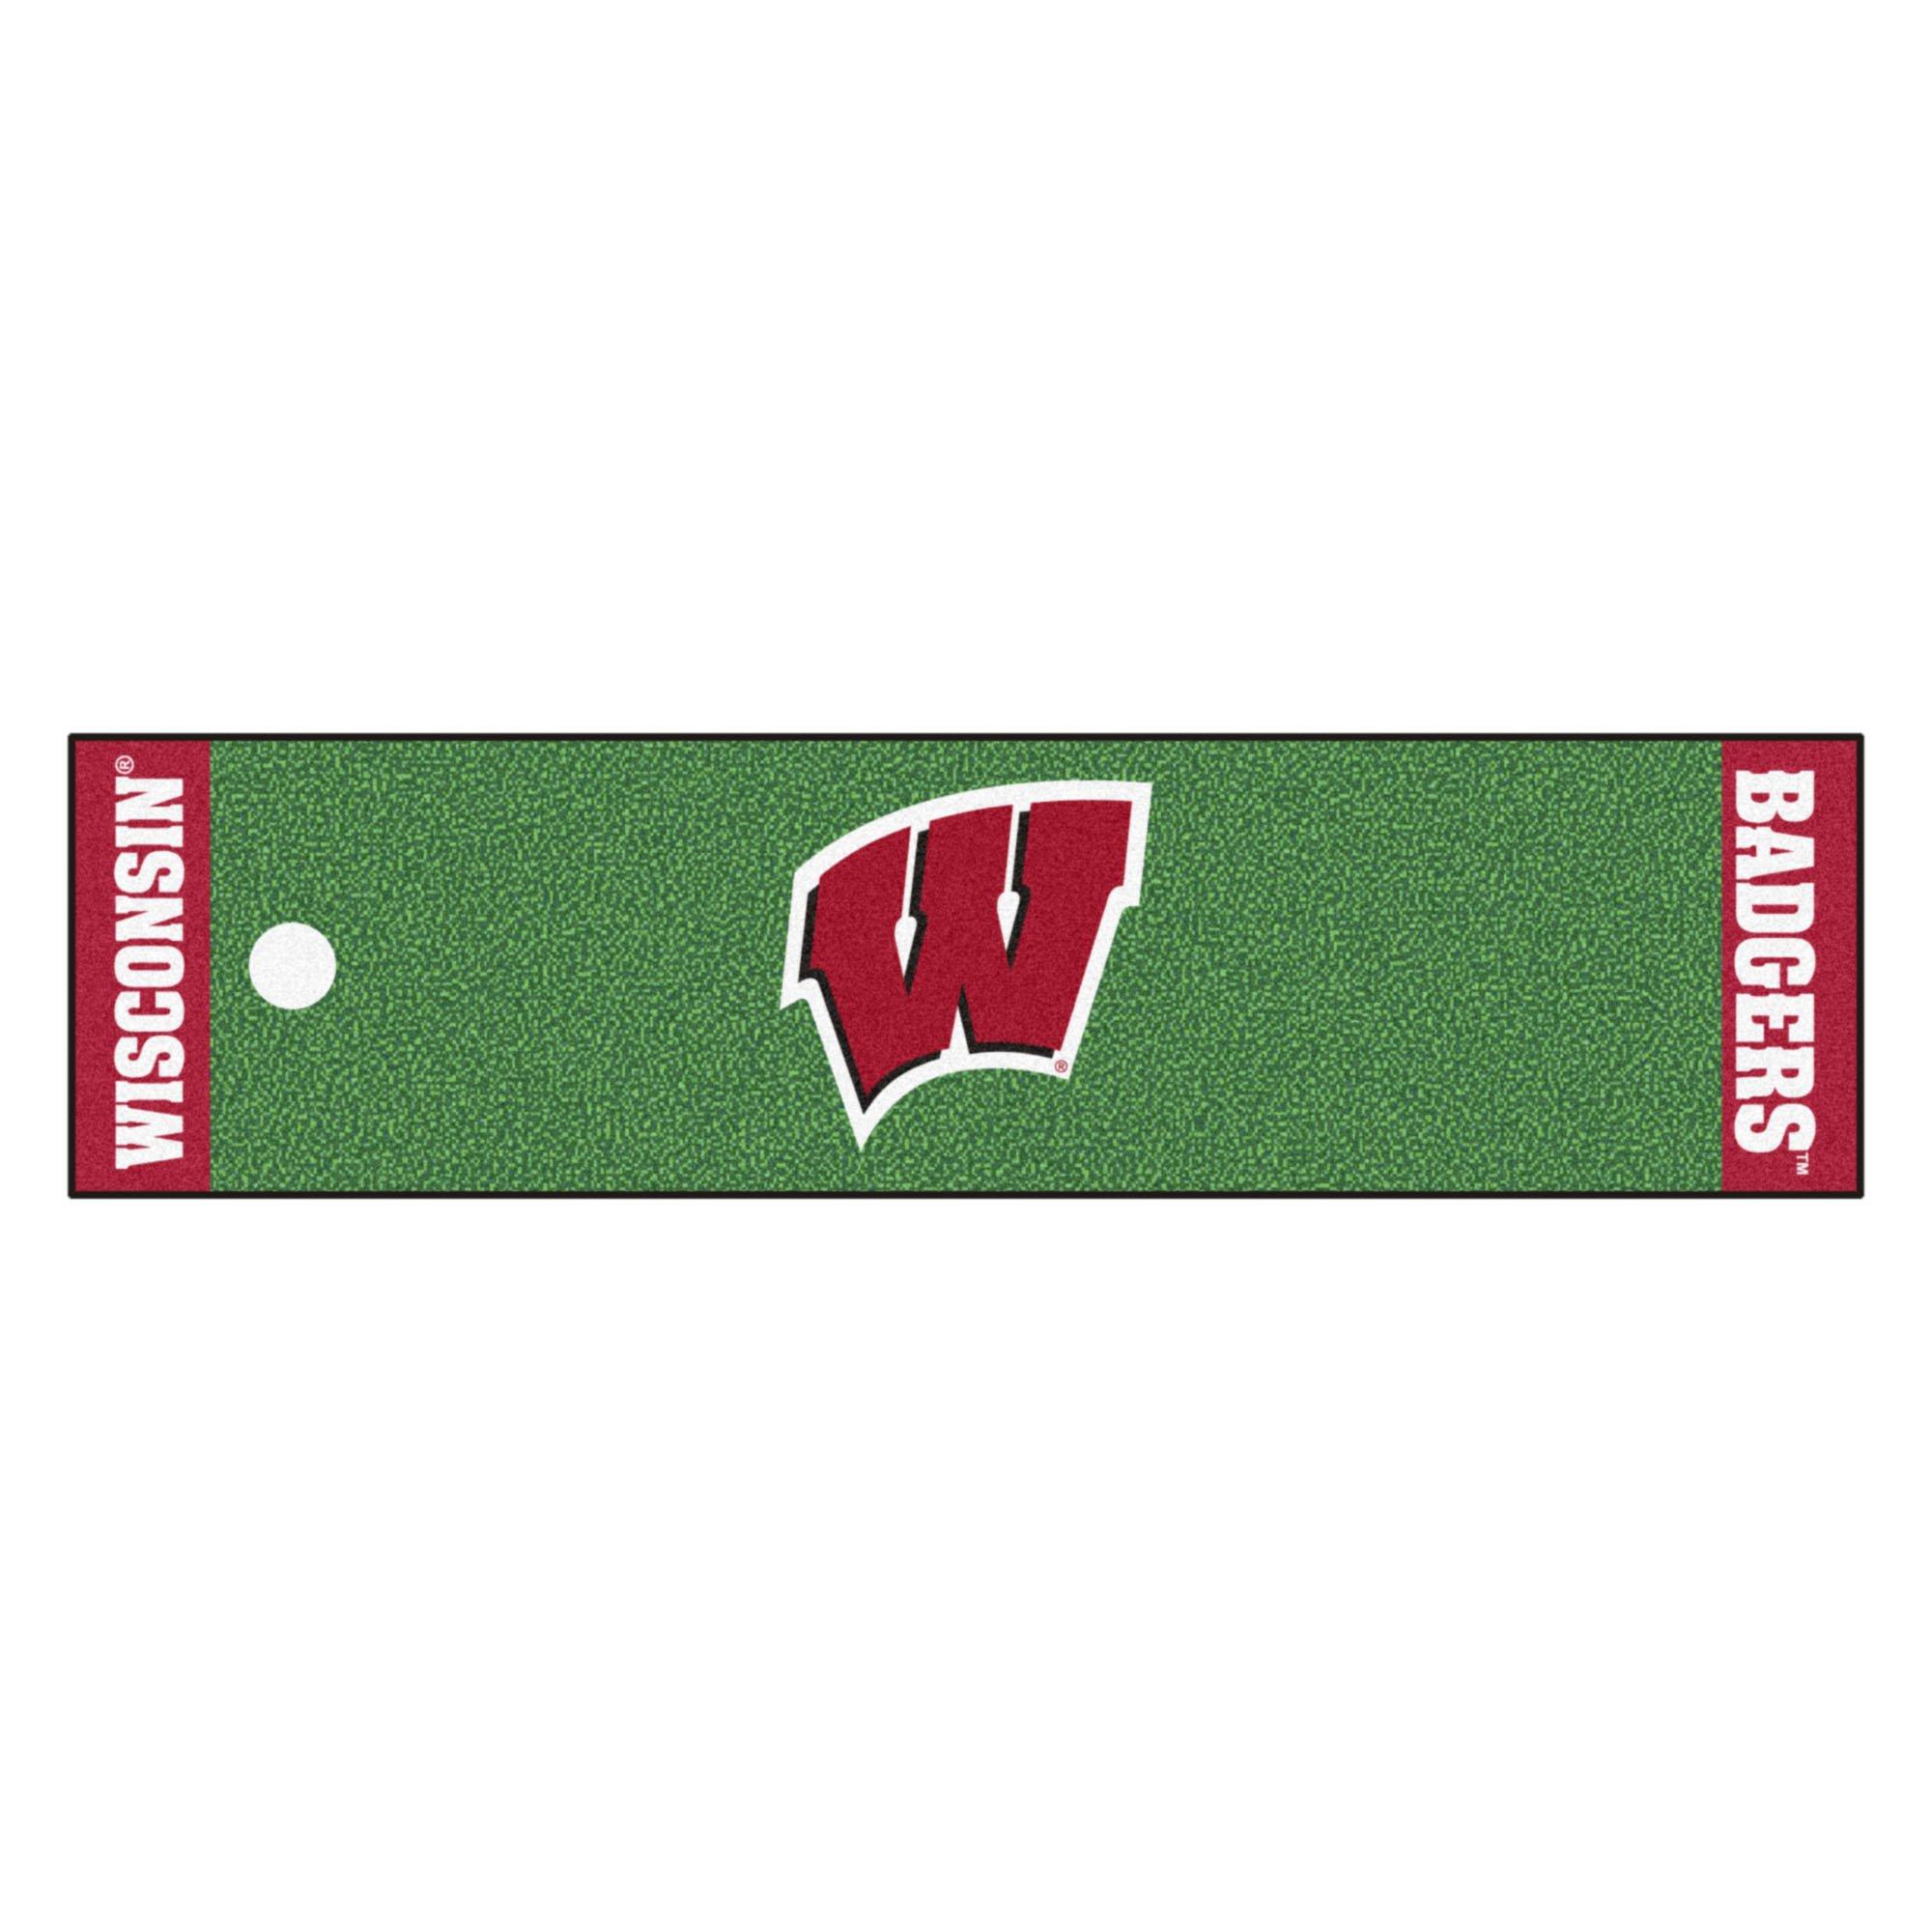 NCAA Wisconsin Badgers Golf Practice Putting Green Rug Runner 18'' x 72''